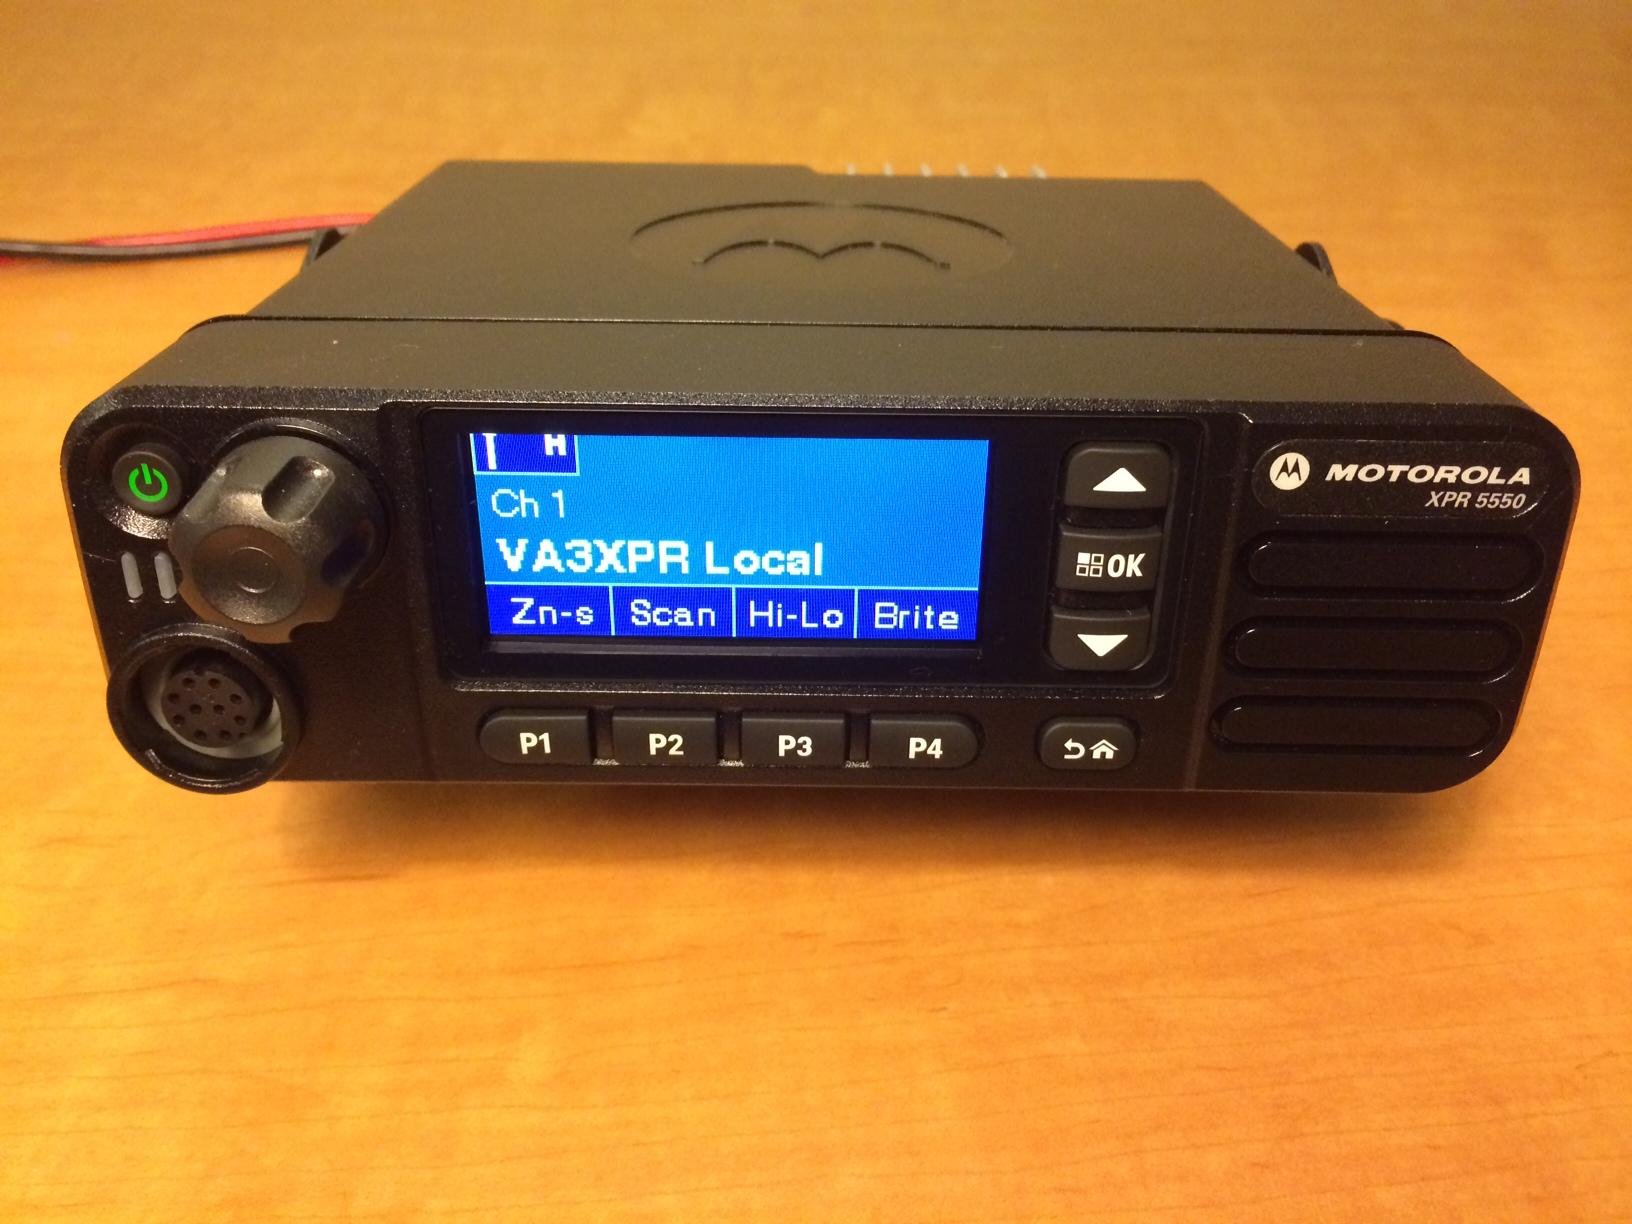 Motorola Ht1250 Wiring Diagram 30 Images Cdm1250 Photo 113 Xpr 4350 Xtl 5000 Speaker Mic